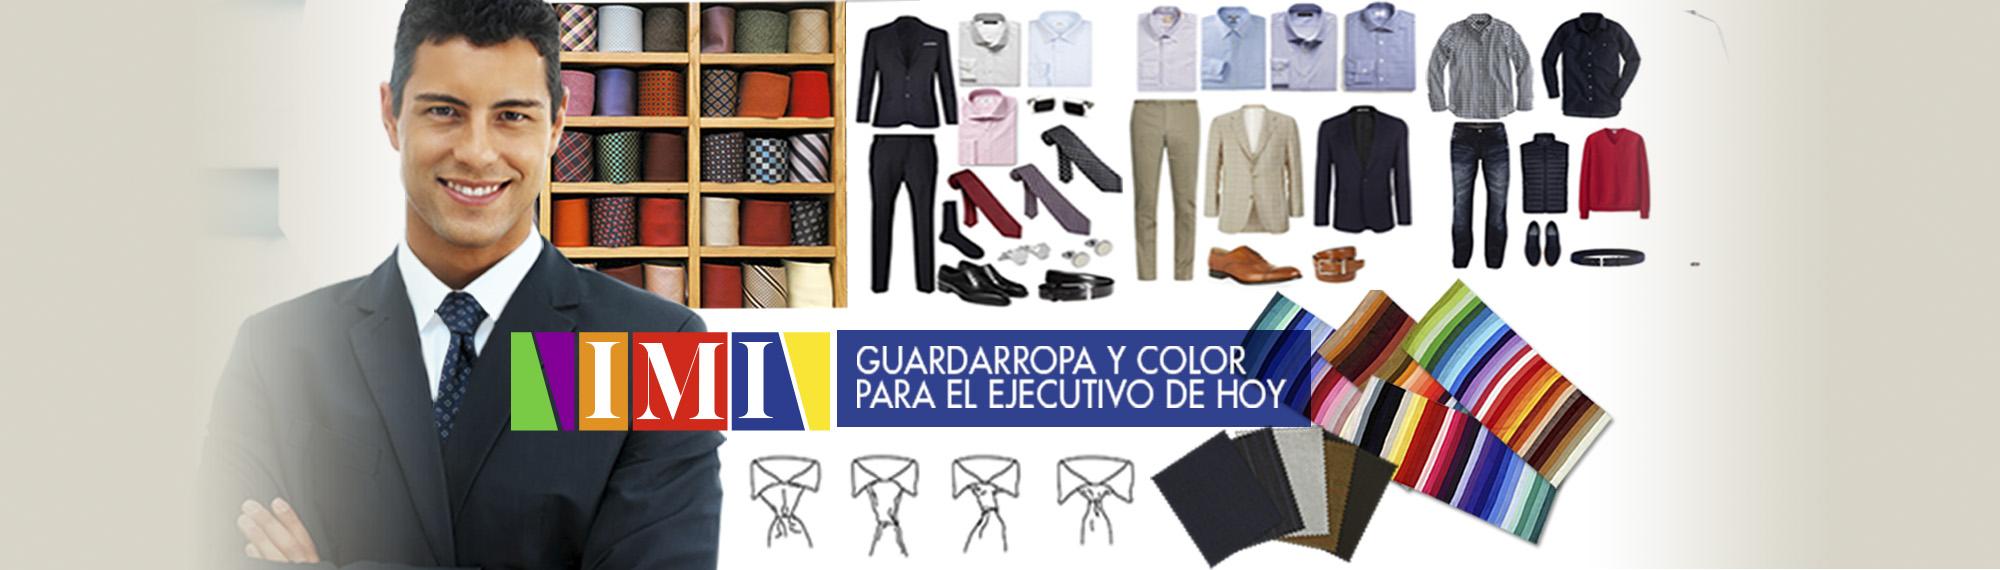 guardarropa-y-color-para-el-ejecutivo-de-hy3